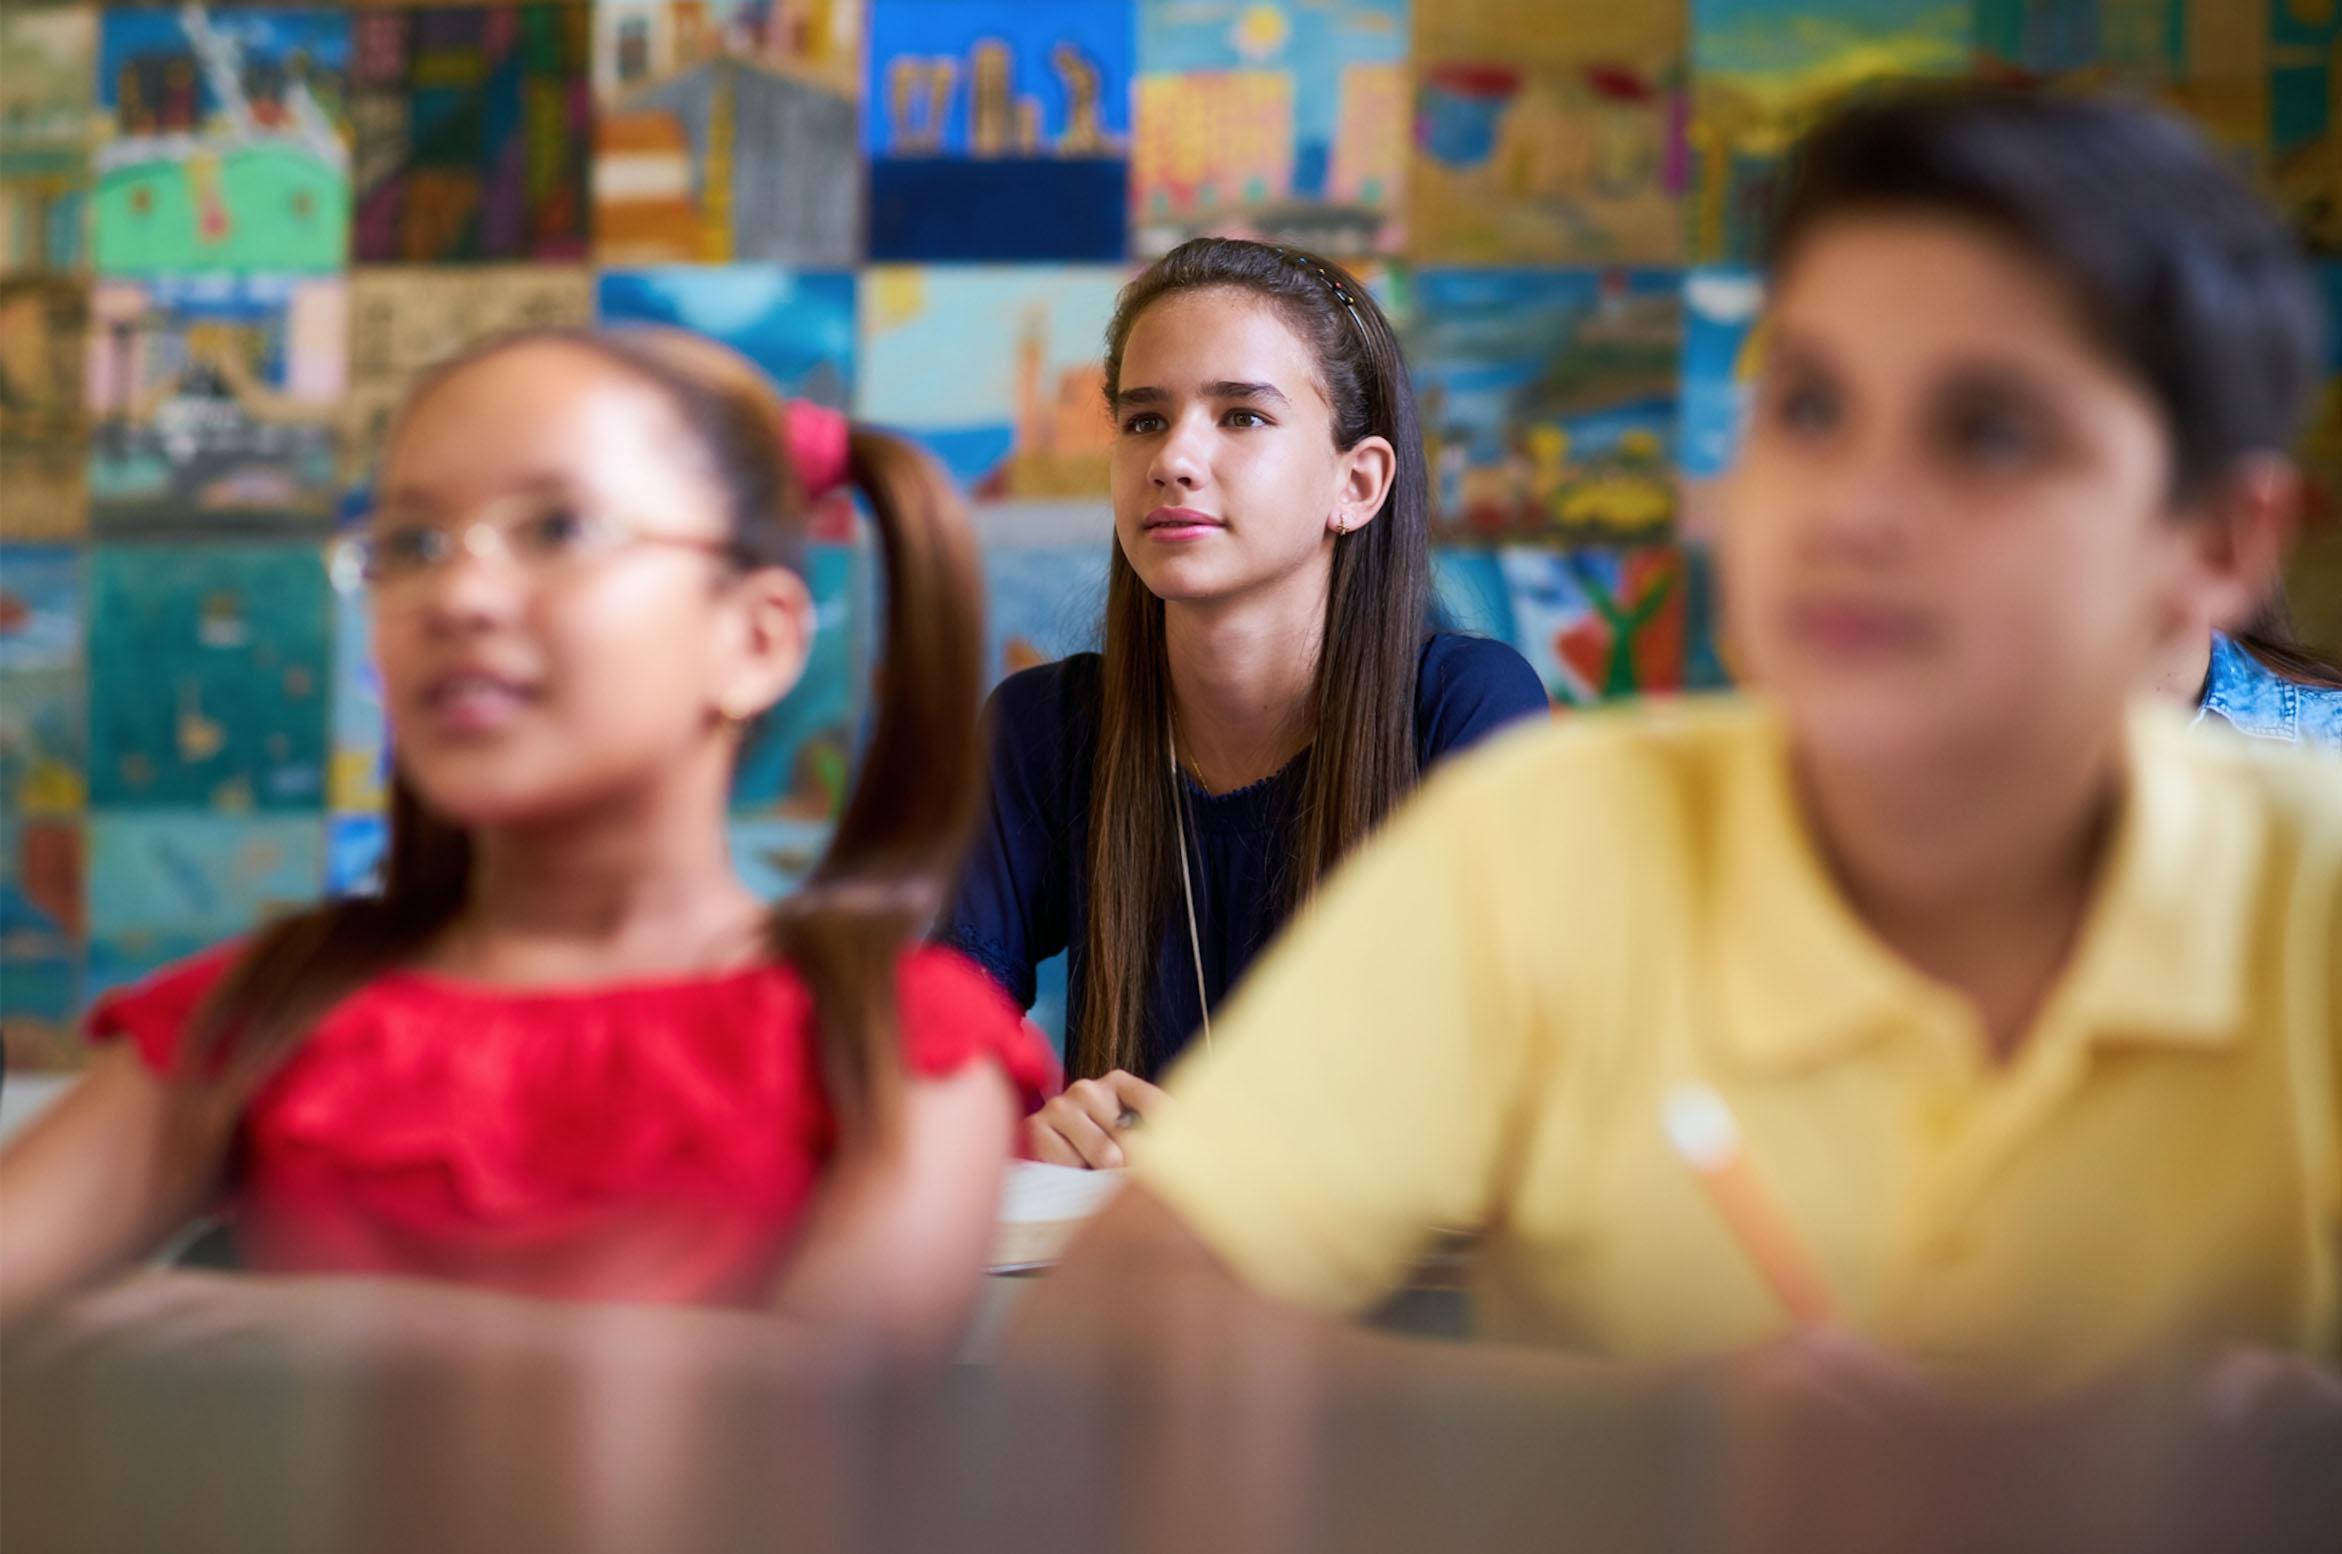 課堂和演講中,每個人都能聽得清楚嗎?有些並不是。圖片來源│iStock